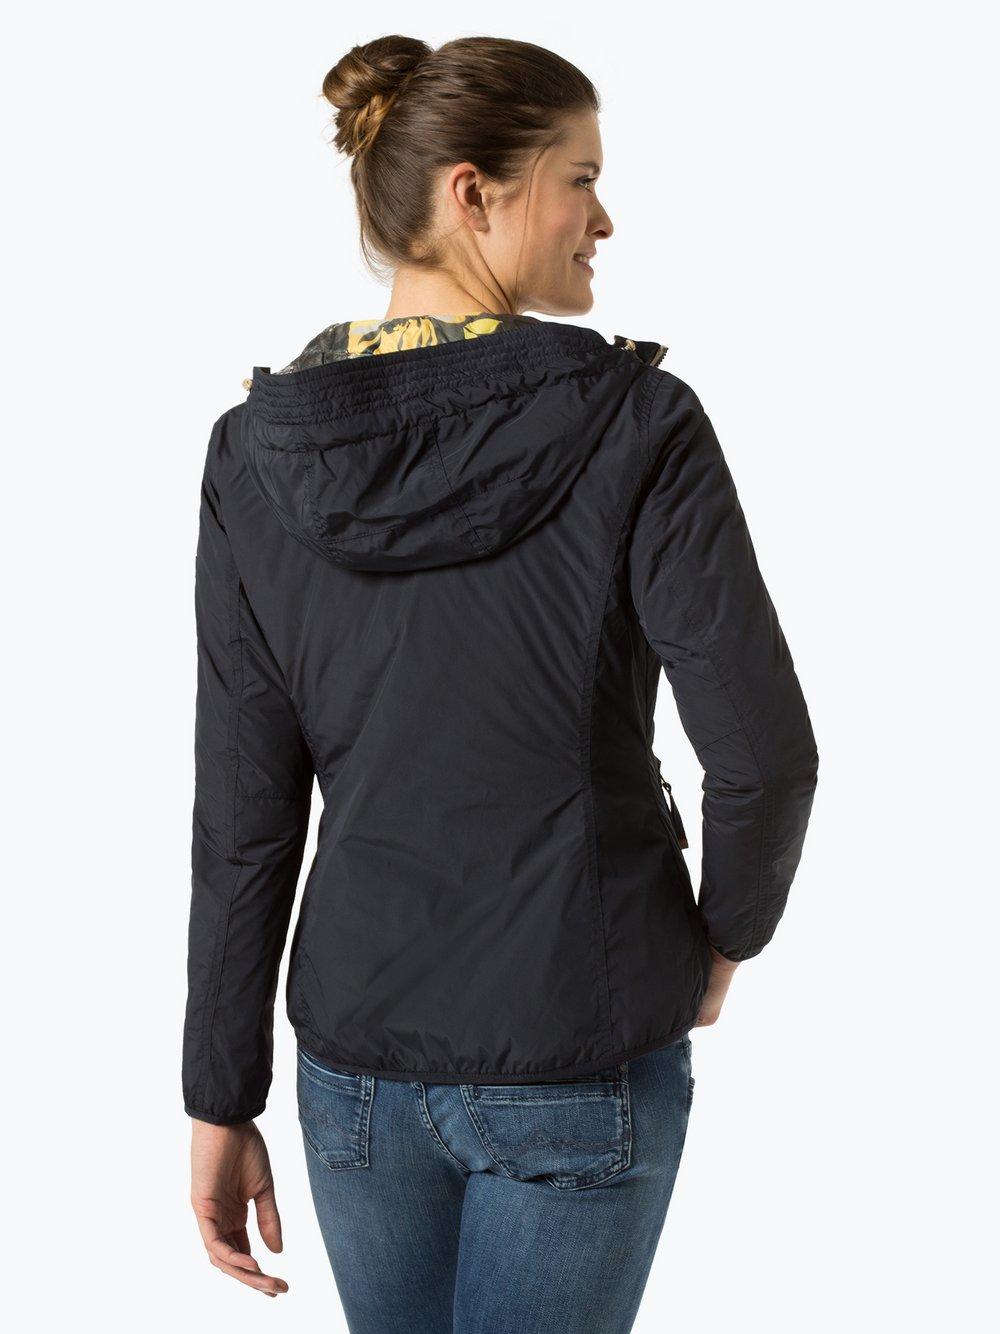 Camel Active Damen Wendejacke online kaufen | VANGRAAF.COM